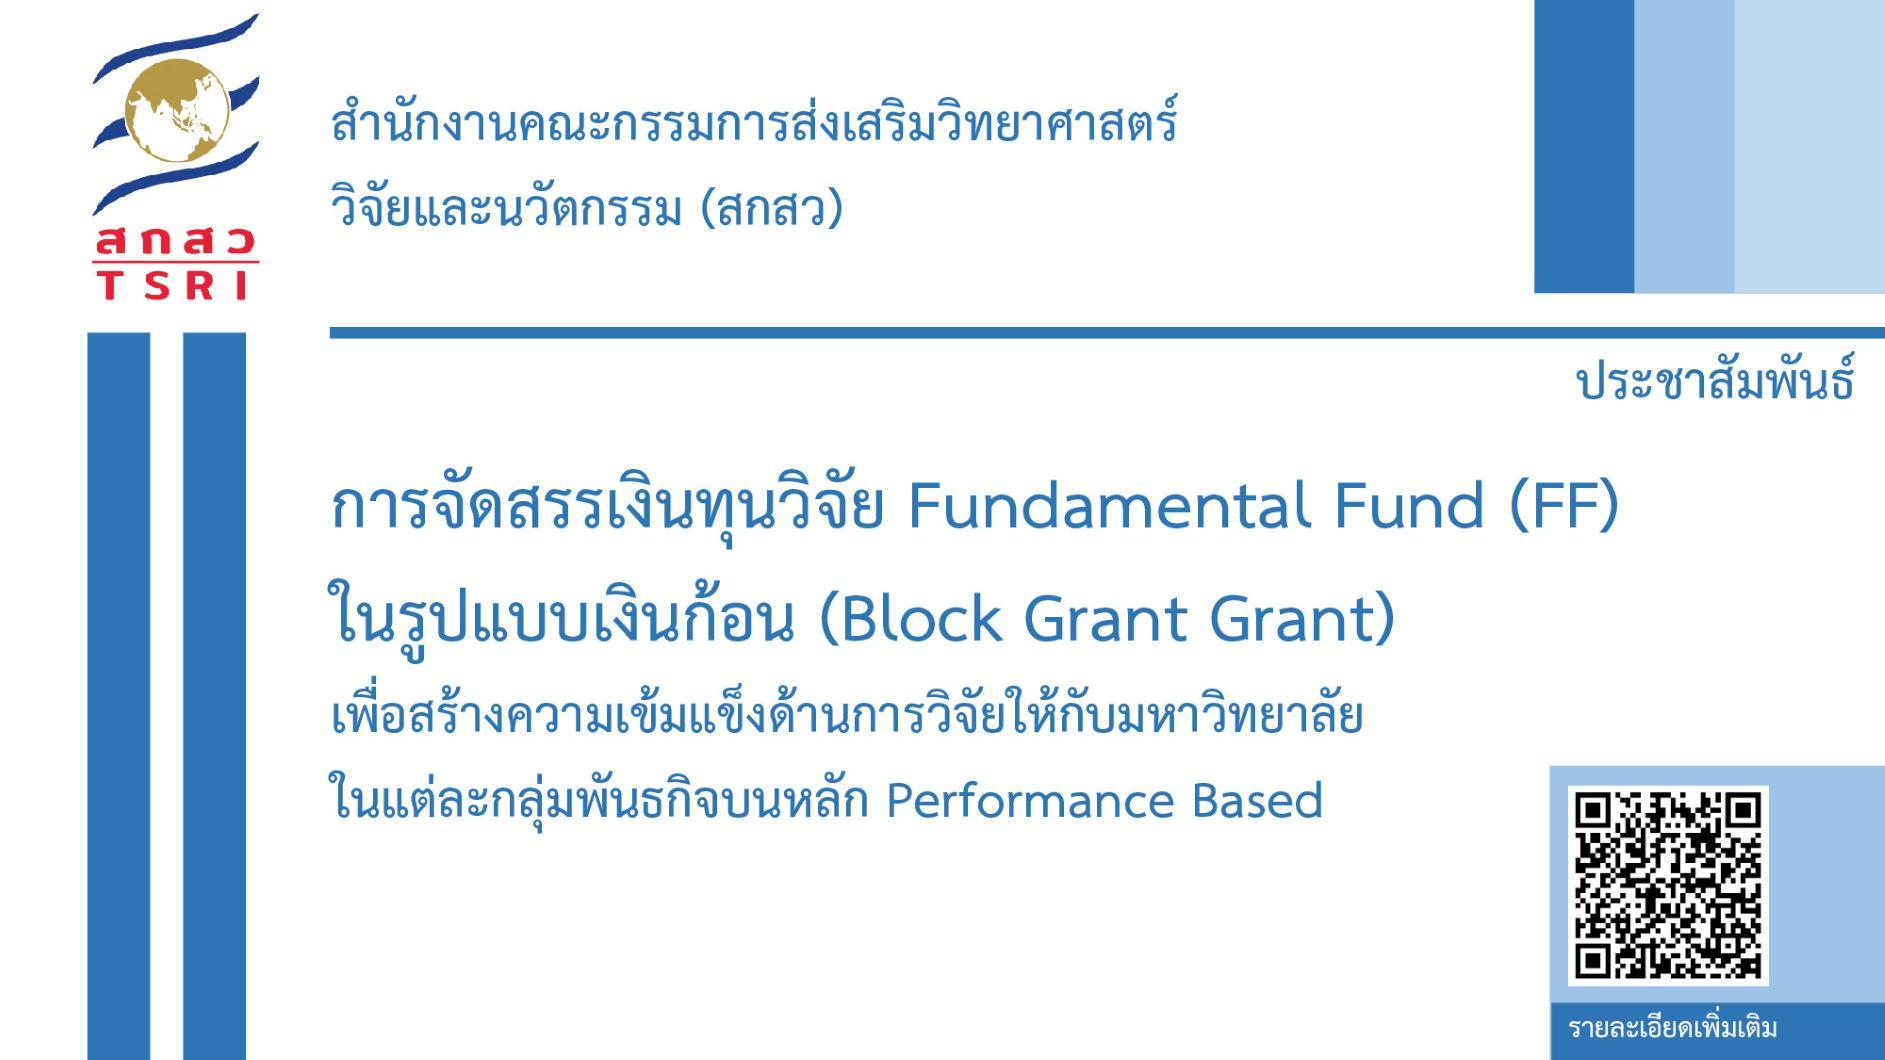 การจัดสรรเงินทุนวิจัย Fundamental Fund (FF) ในรูปแบบเงินก้อน (Block Grant)